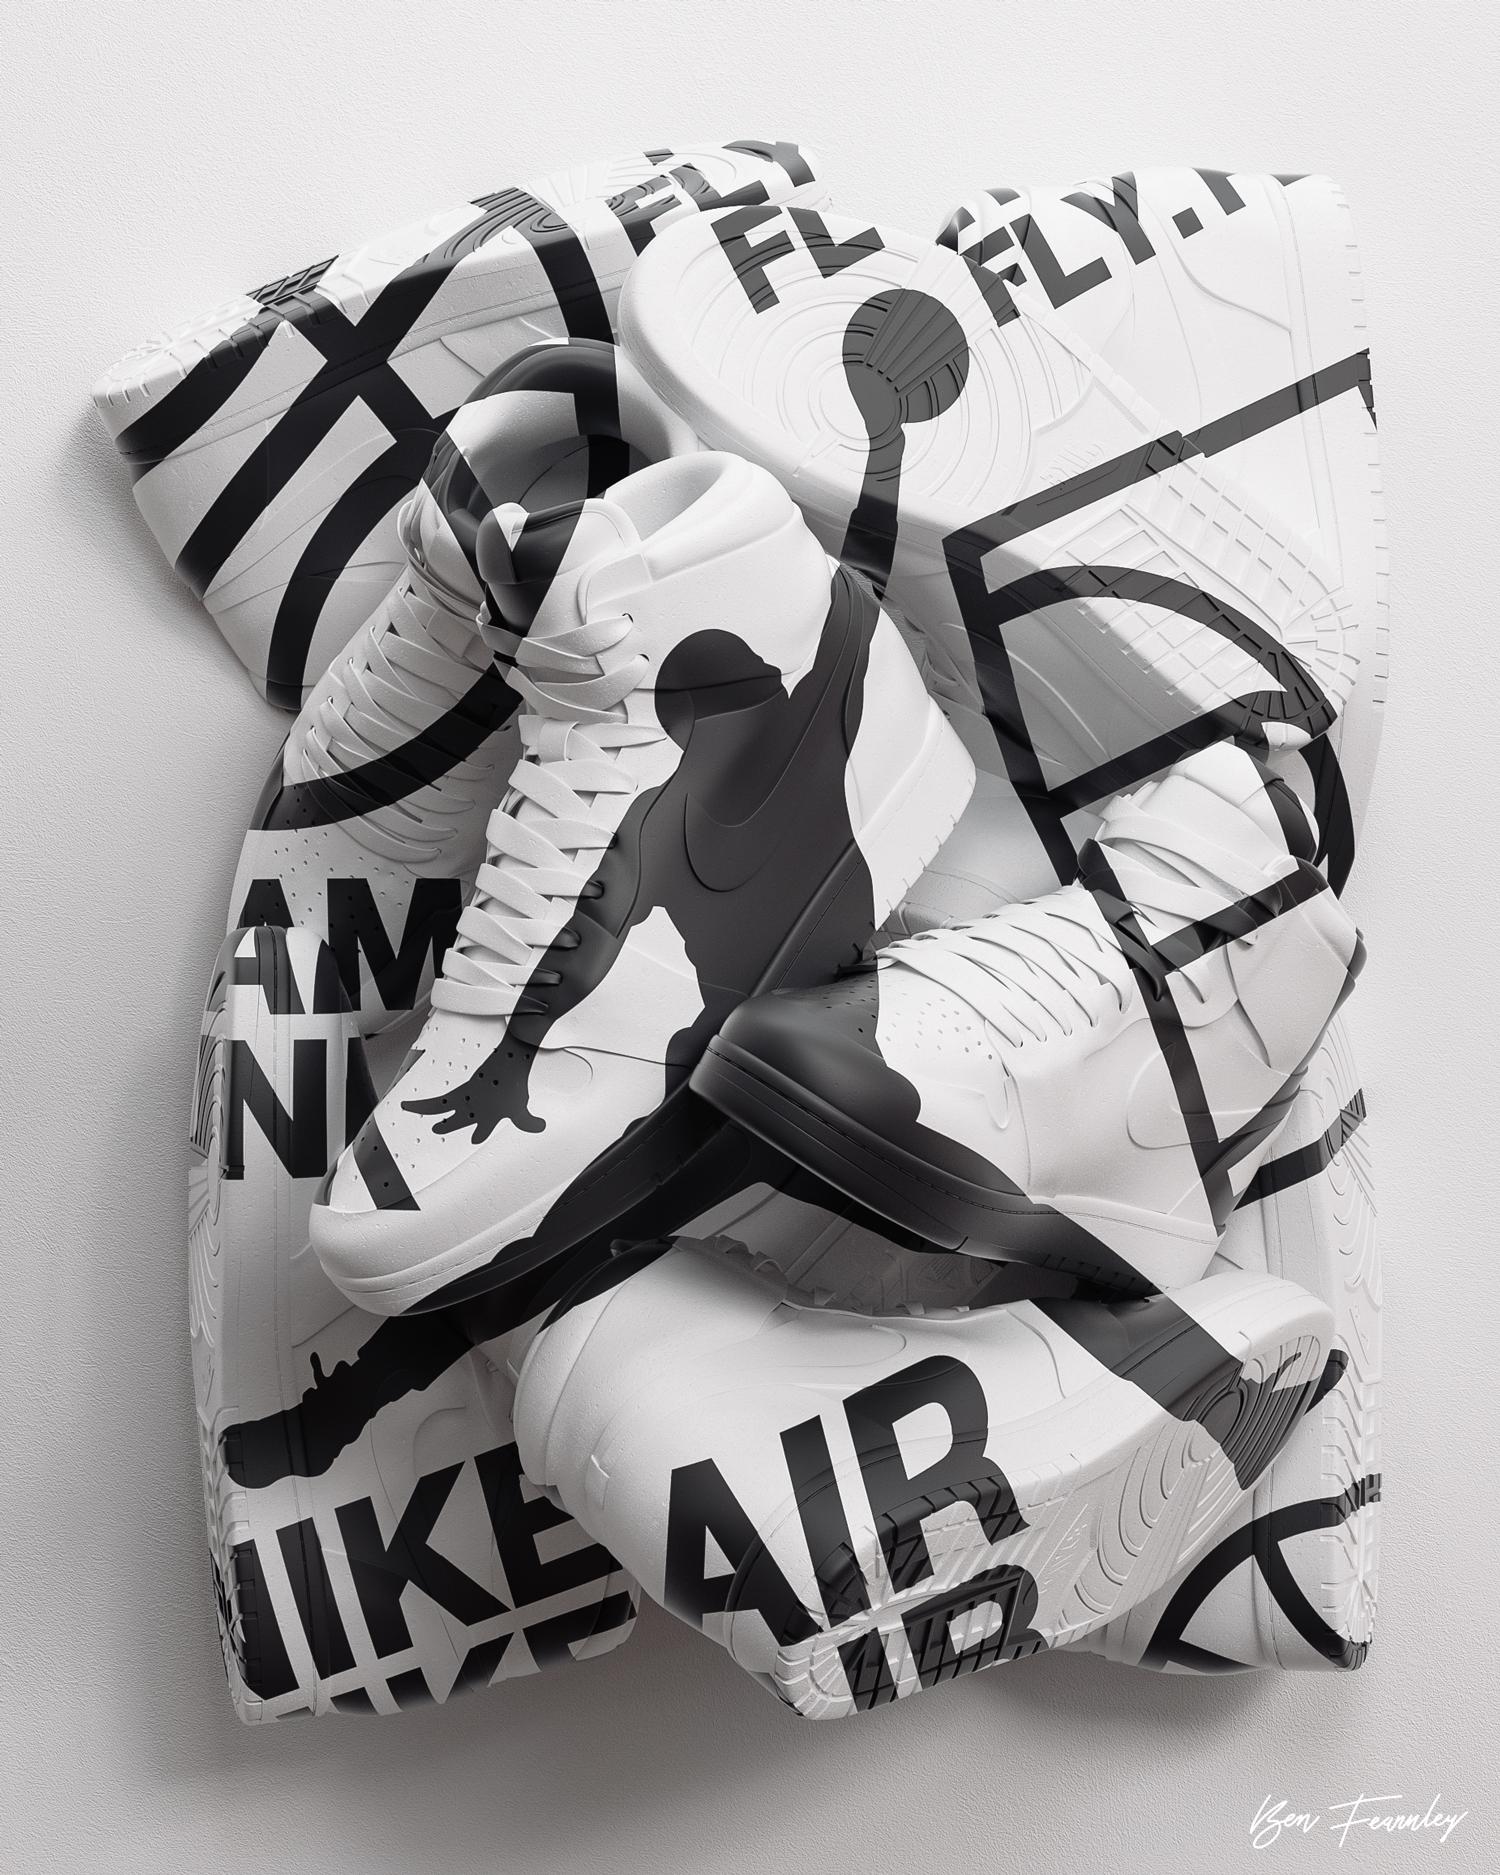 AnamorphicSculptures_NikeJordan_Ben-Fearnley.jpg